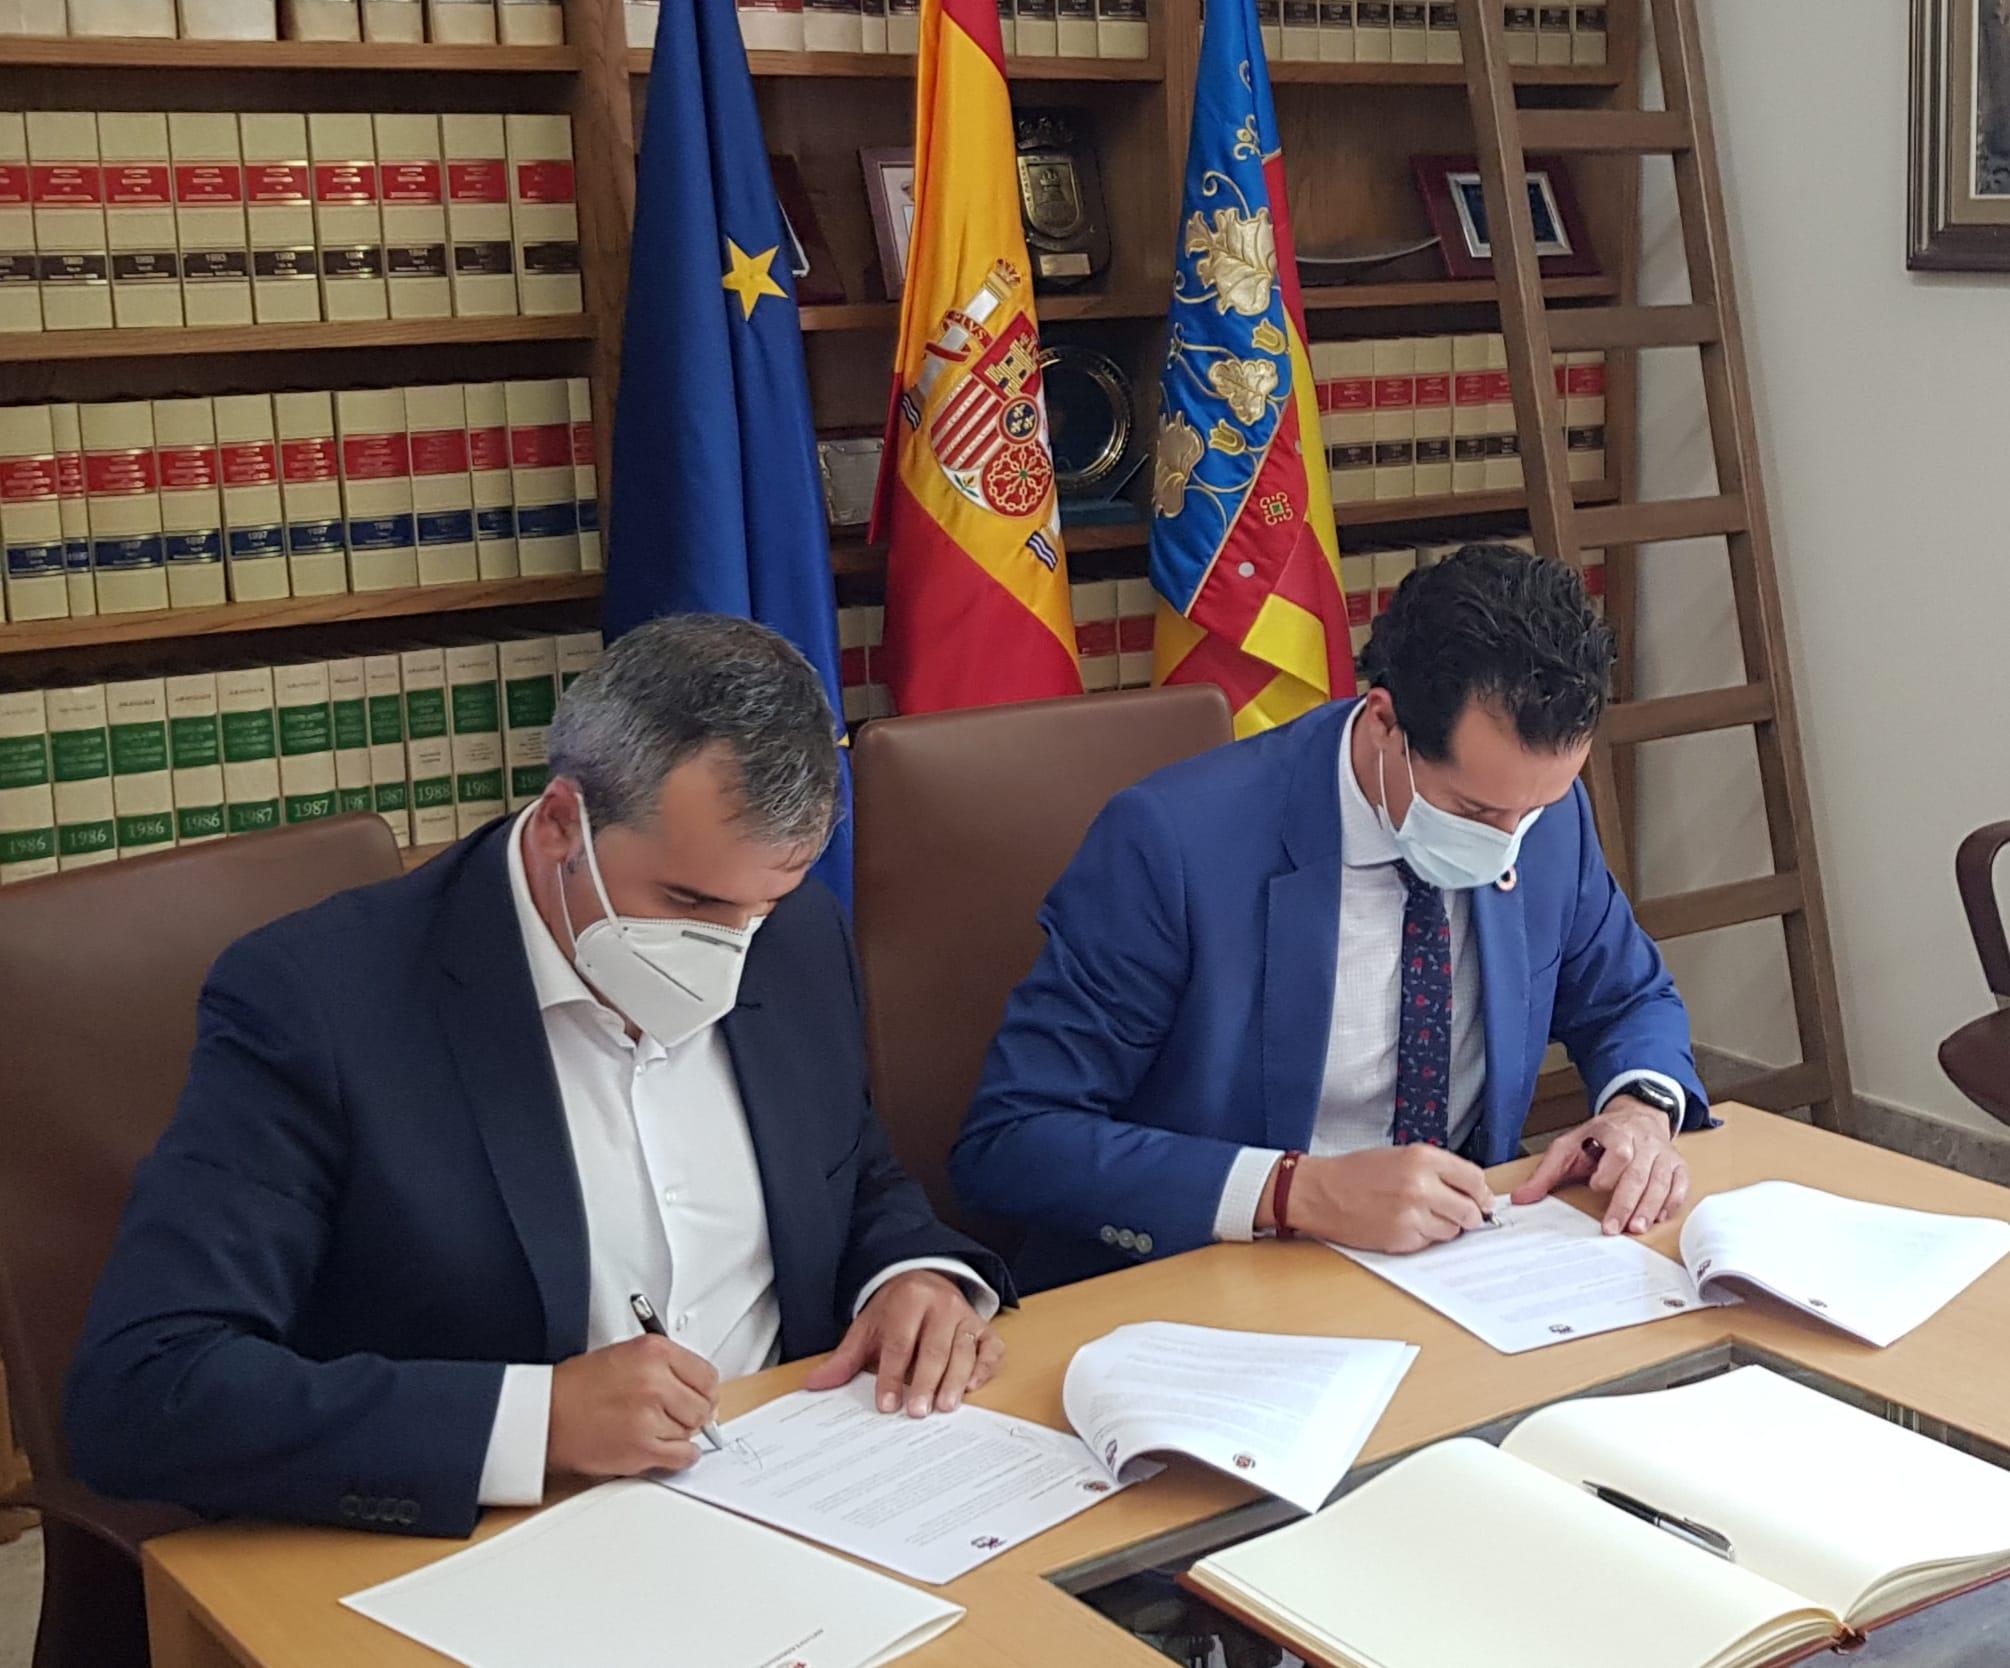 El Ayuntamiento de Elda firma un convenio con el de Aspe para compartir de manera recíproca sus respectivas Bolsas de Empleo